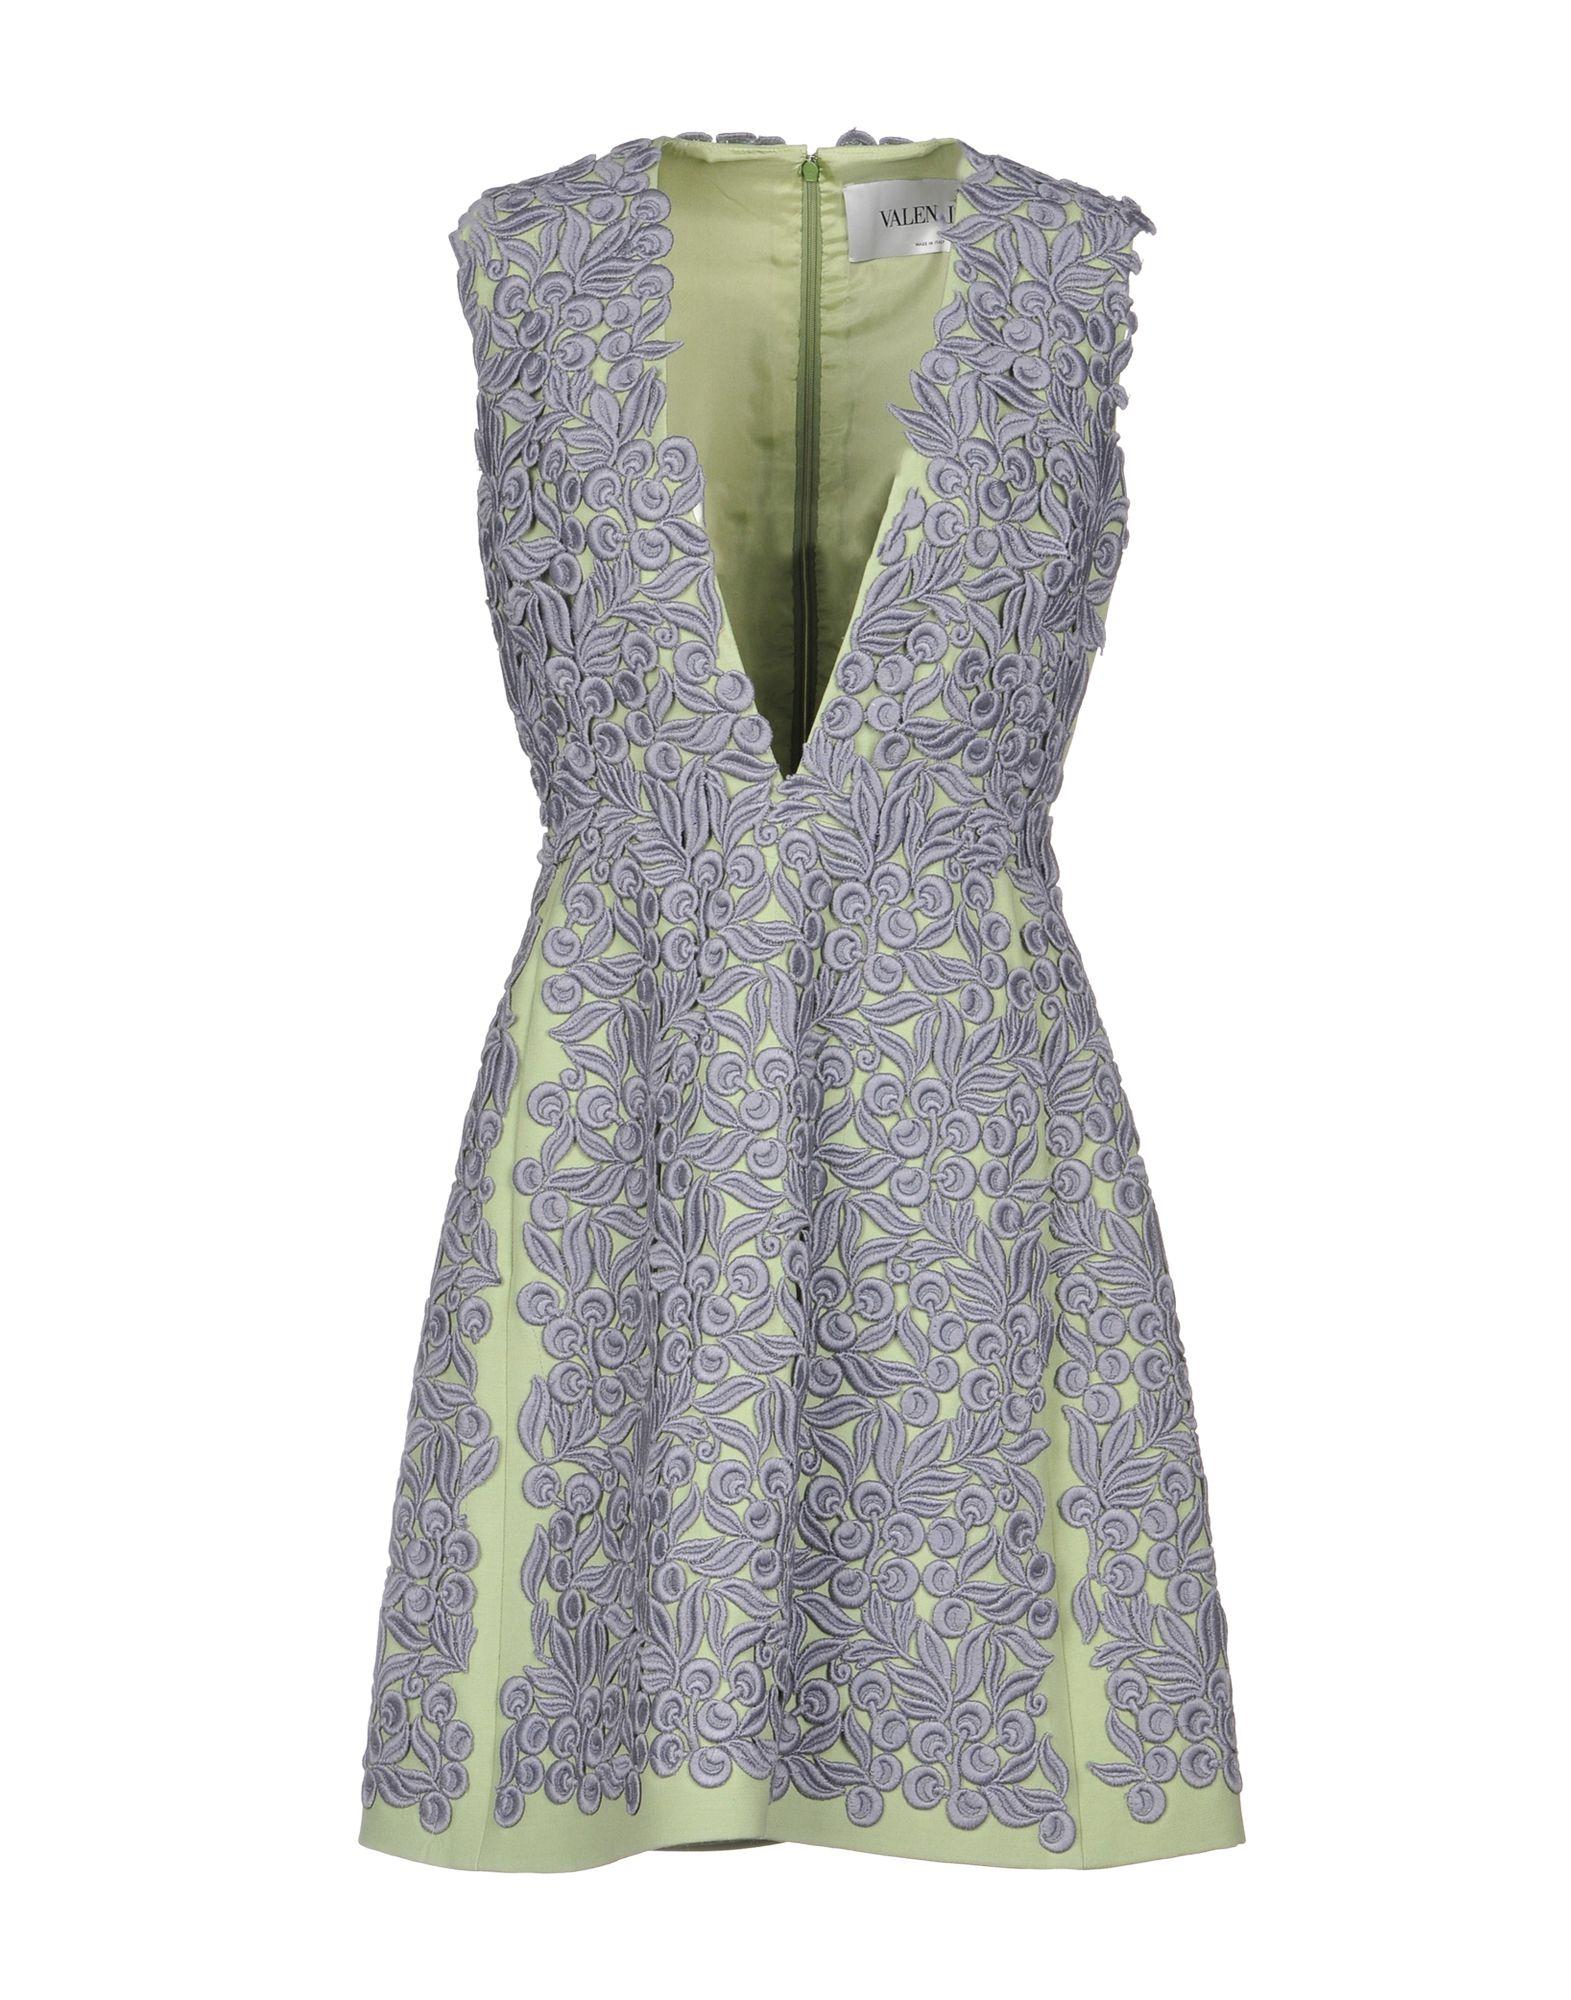 VALENTINO Короткое платье platinor platinor 91750 517